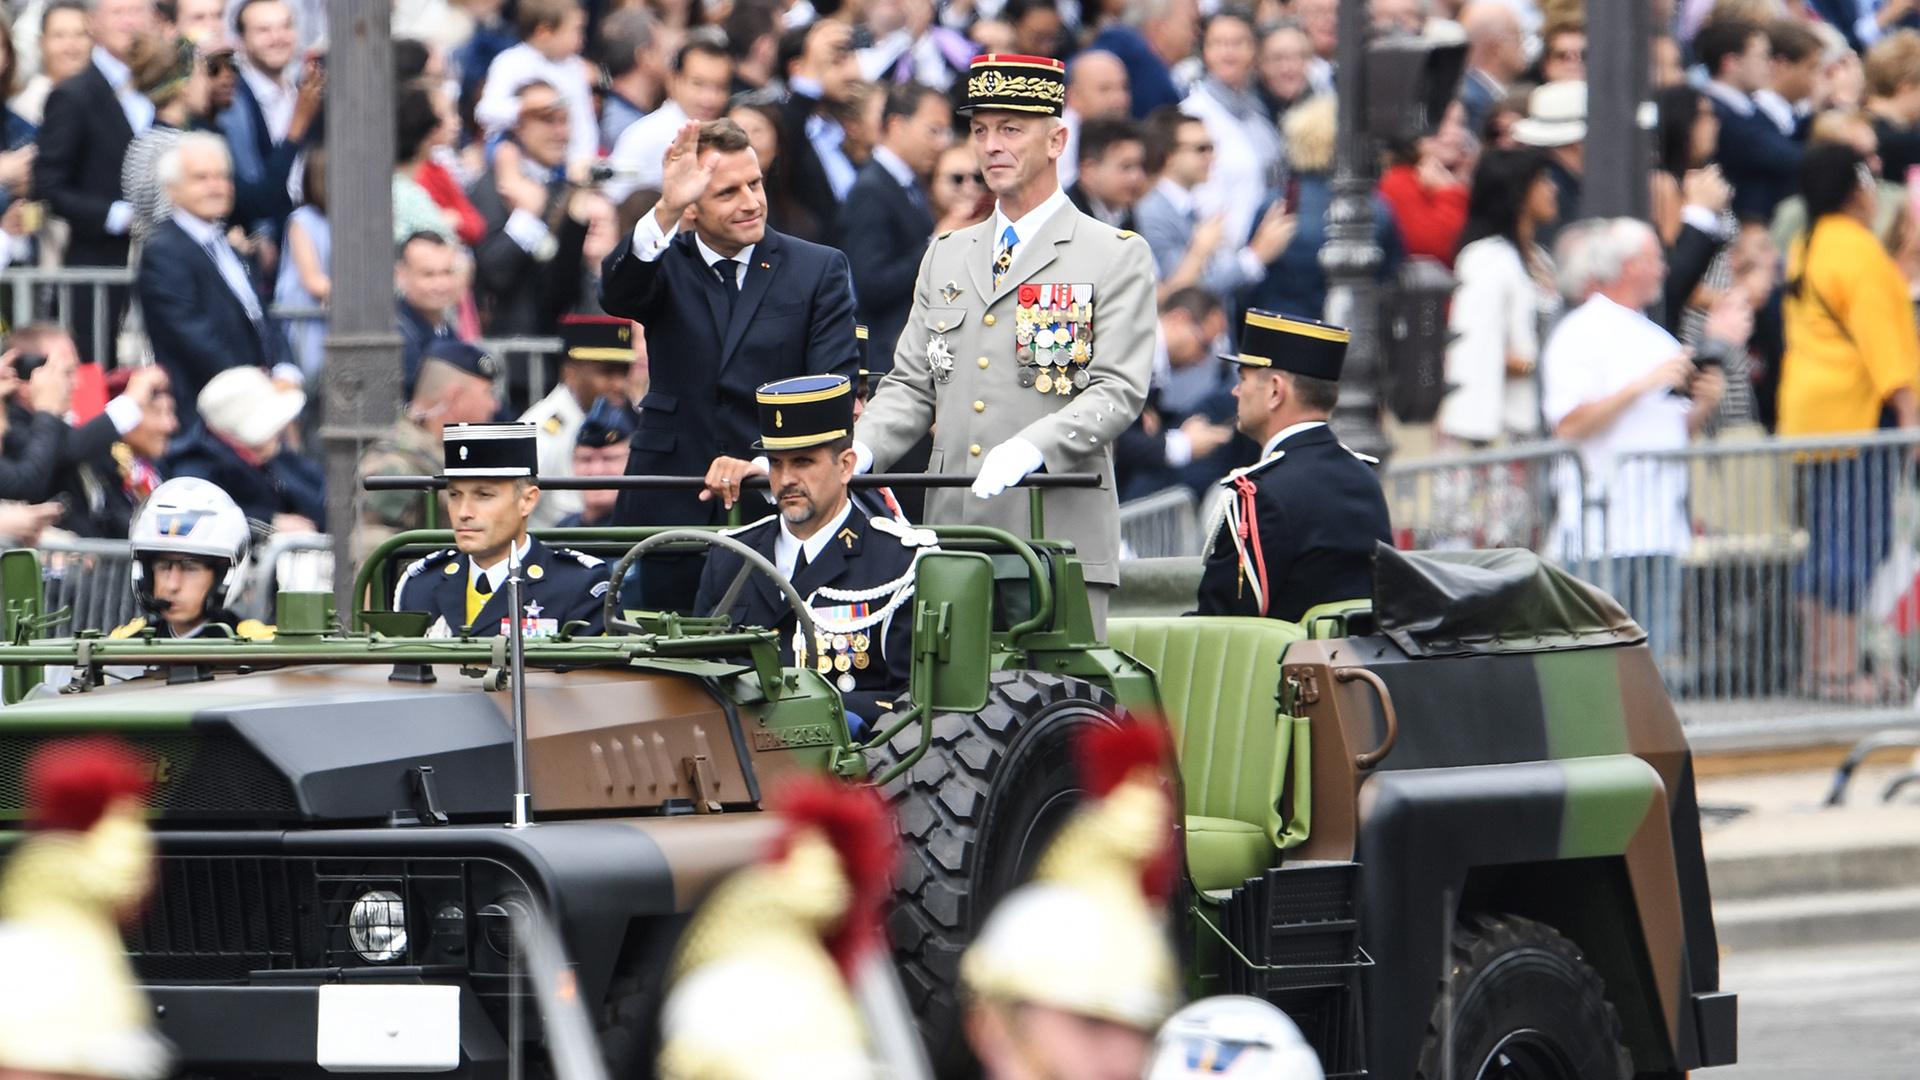 Emmanuel Macron, presidente de Francia, saludando a las tropas y acompañado por el jefe del Estado Mayor francés, Francois Lecointre